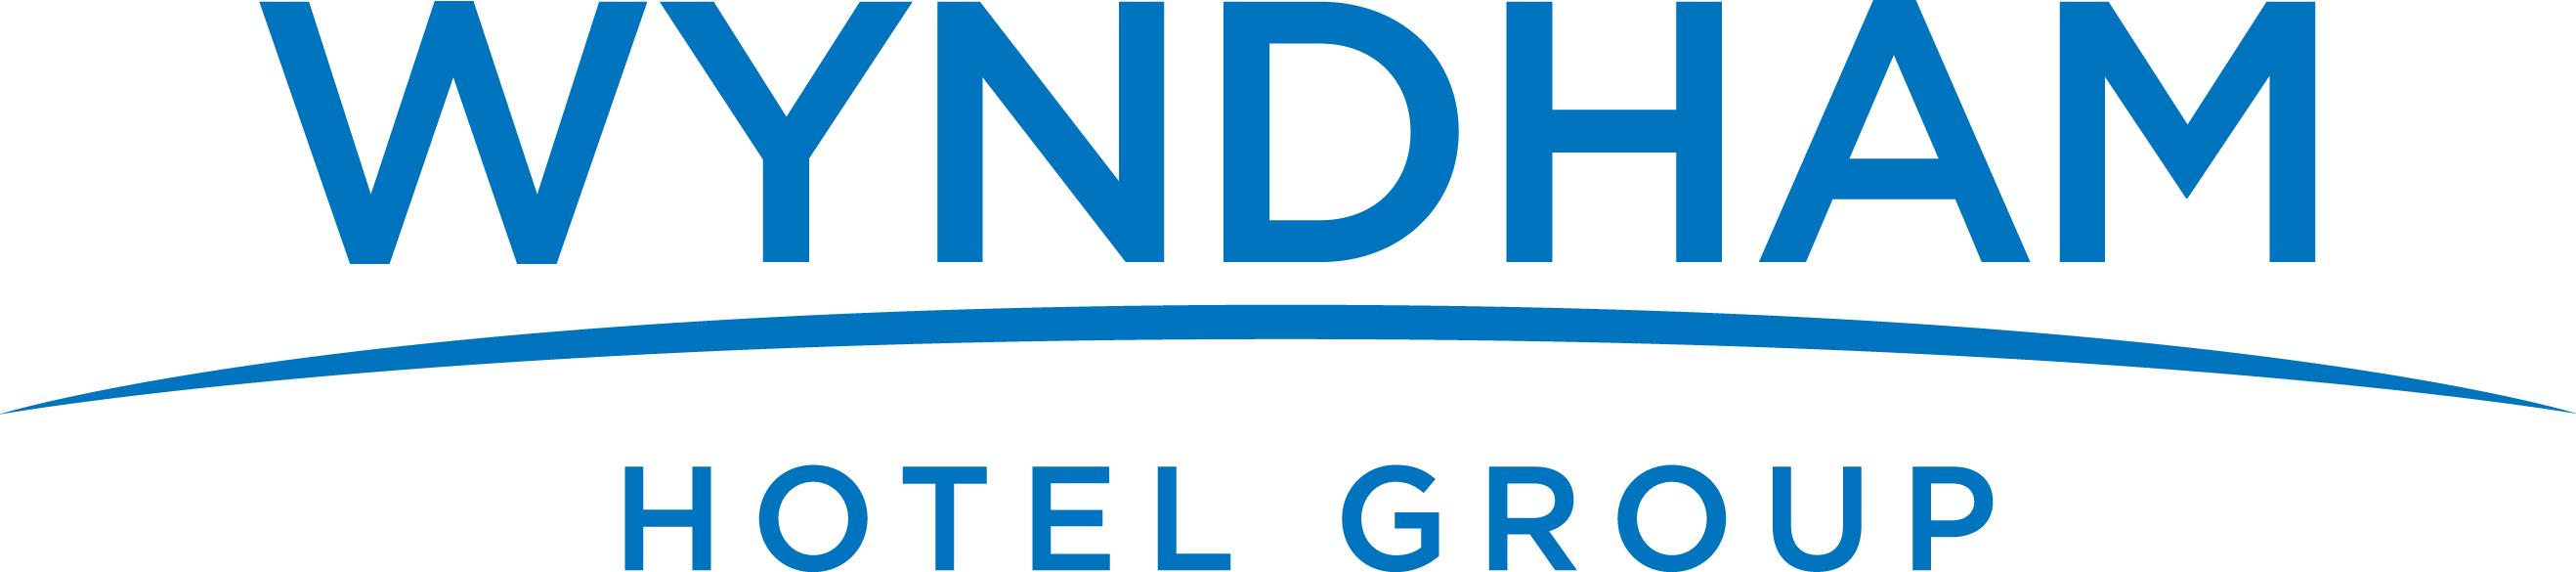 Wyndham Hotel Grou